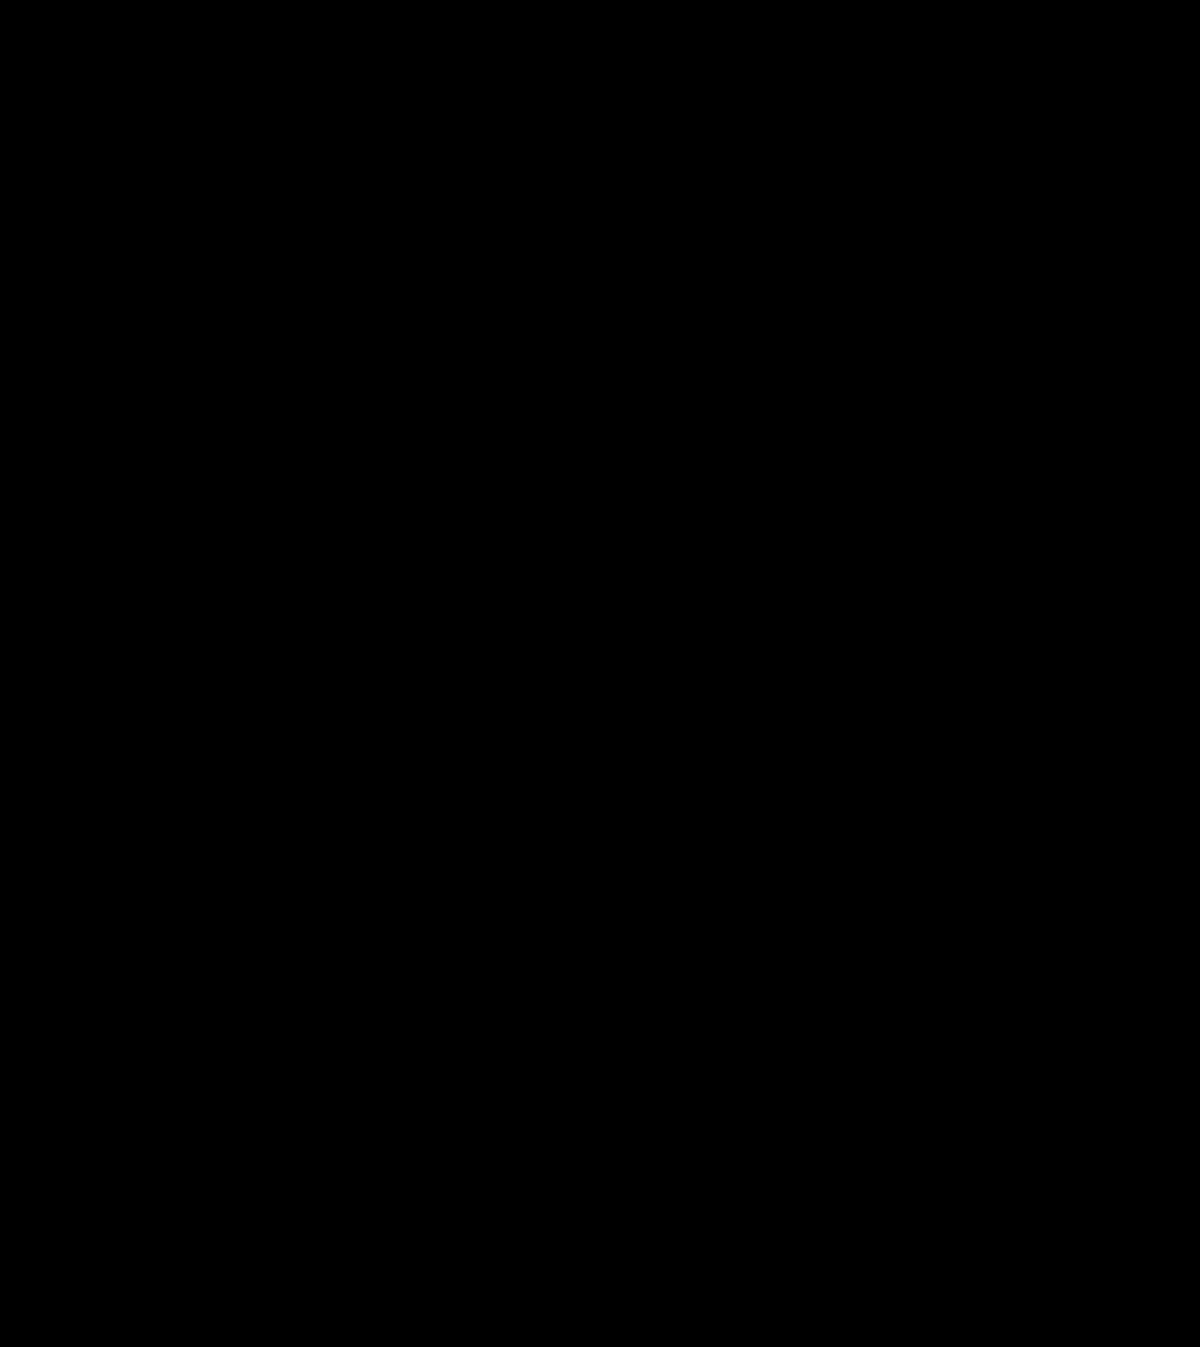 символ нацизма